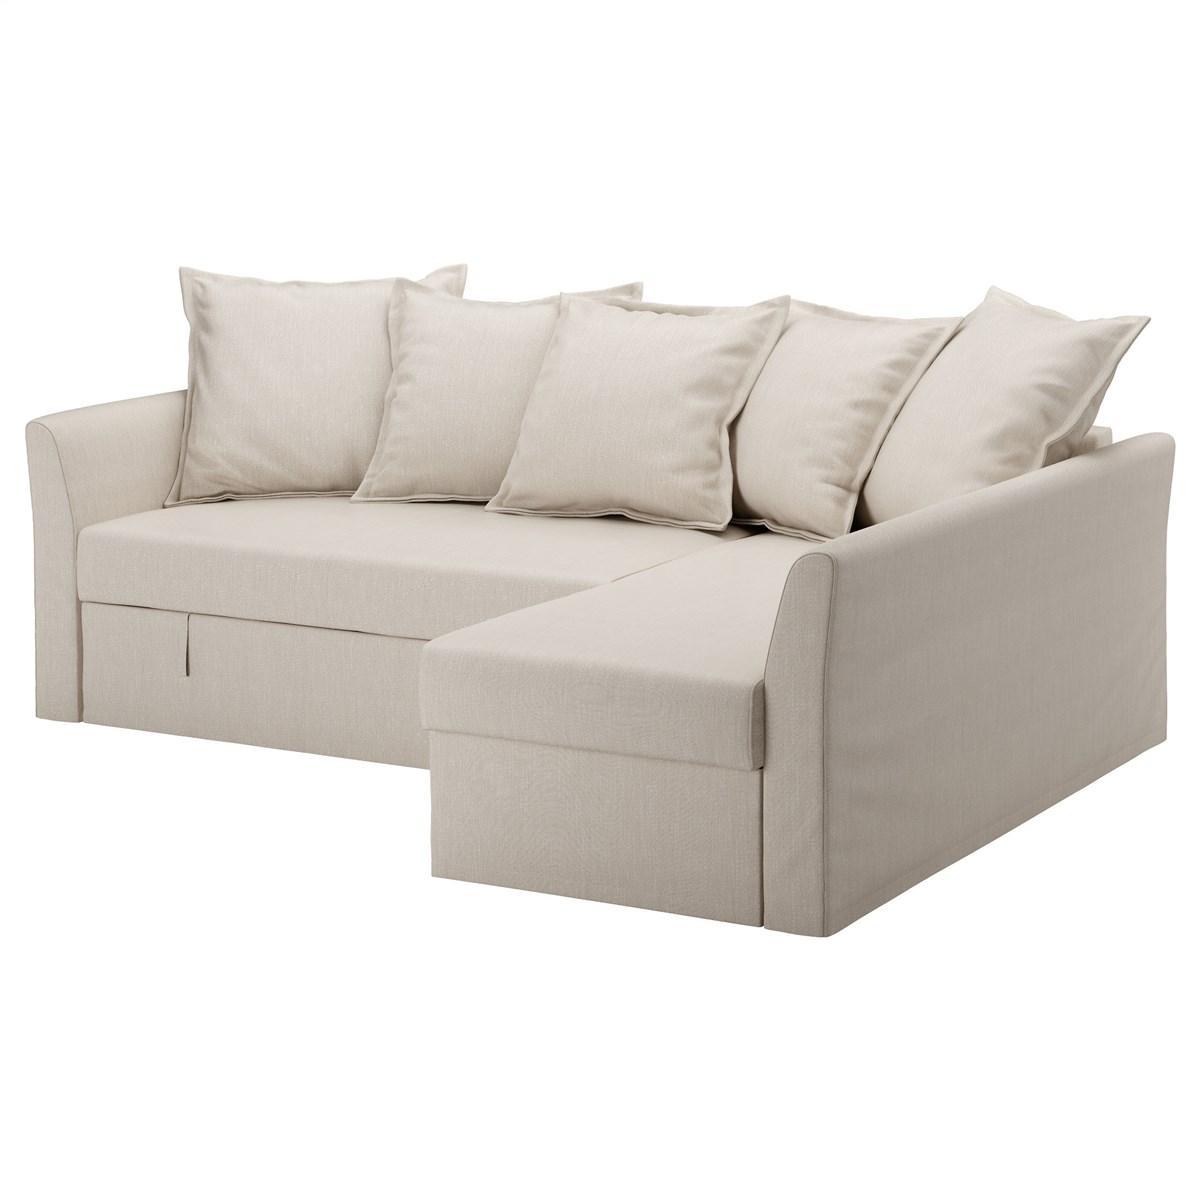 угловой диван кровать Ikea Holmsund бежевый 79150751 в